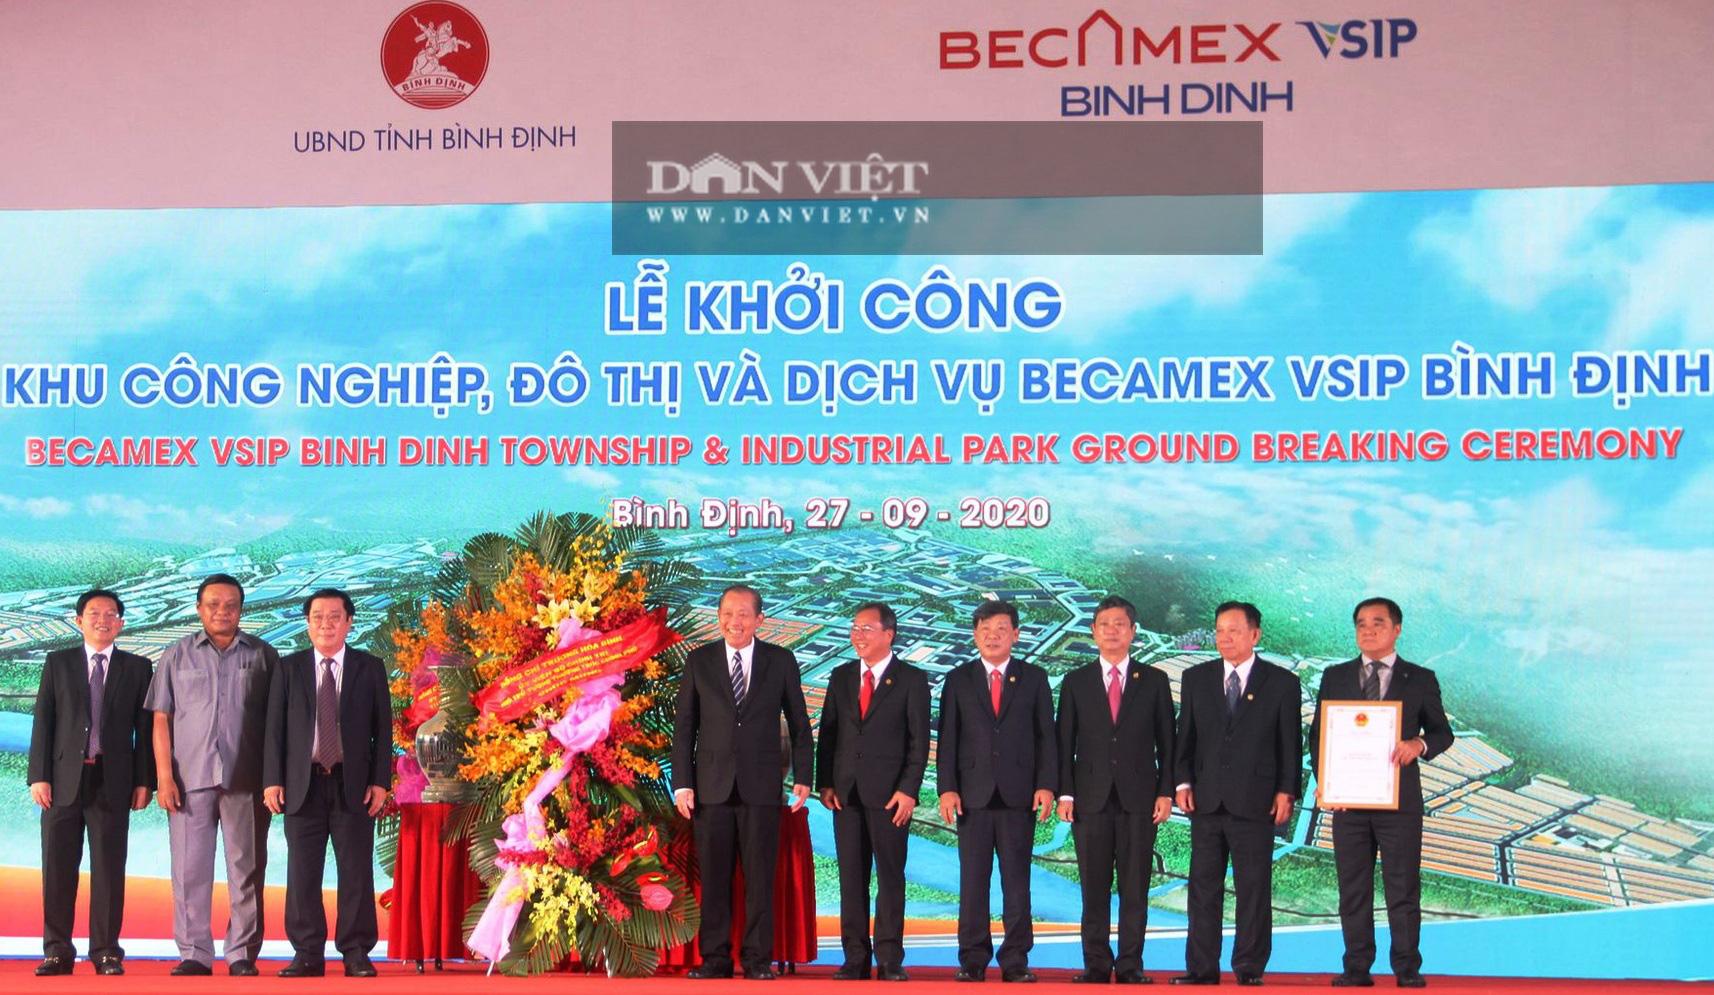 """Chủ tịch Bình Định: """"Không để lấn chiếm, xây dựng trái phép tại dự án trọng điểm Becamex"""" - Ảnh 2."""